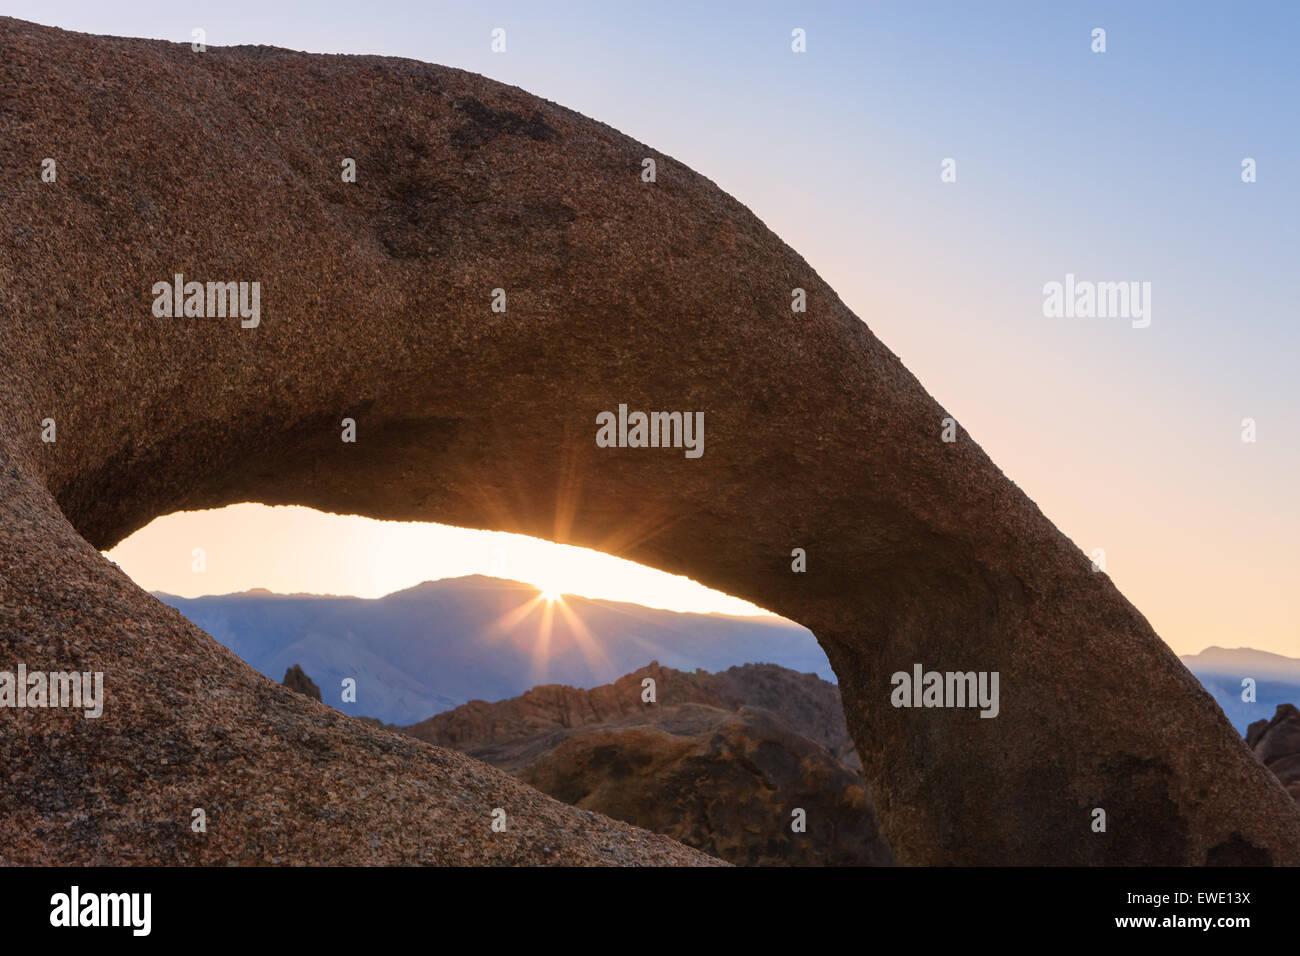 Lever du soleil à Mobius Arch dans les Alabama Hills avec la vue sur la Sierra Nevada, en Californie, USA. Photo Stock